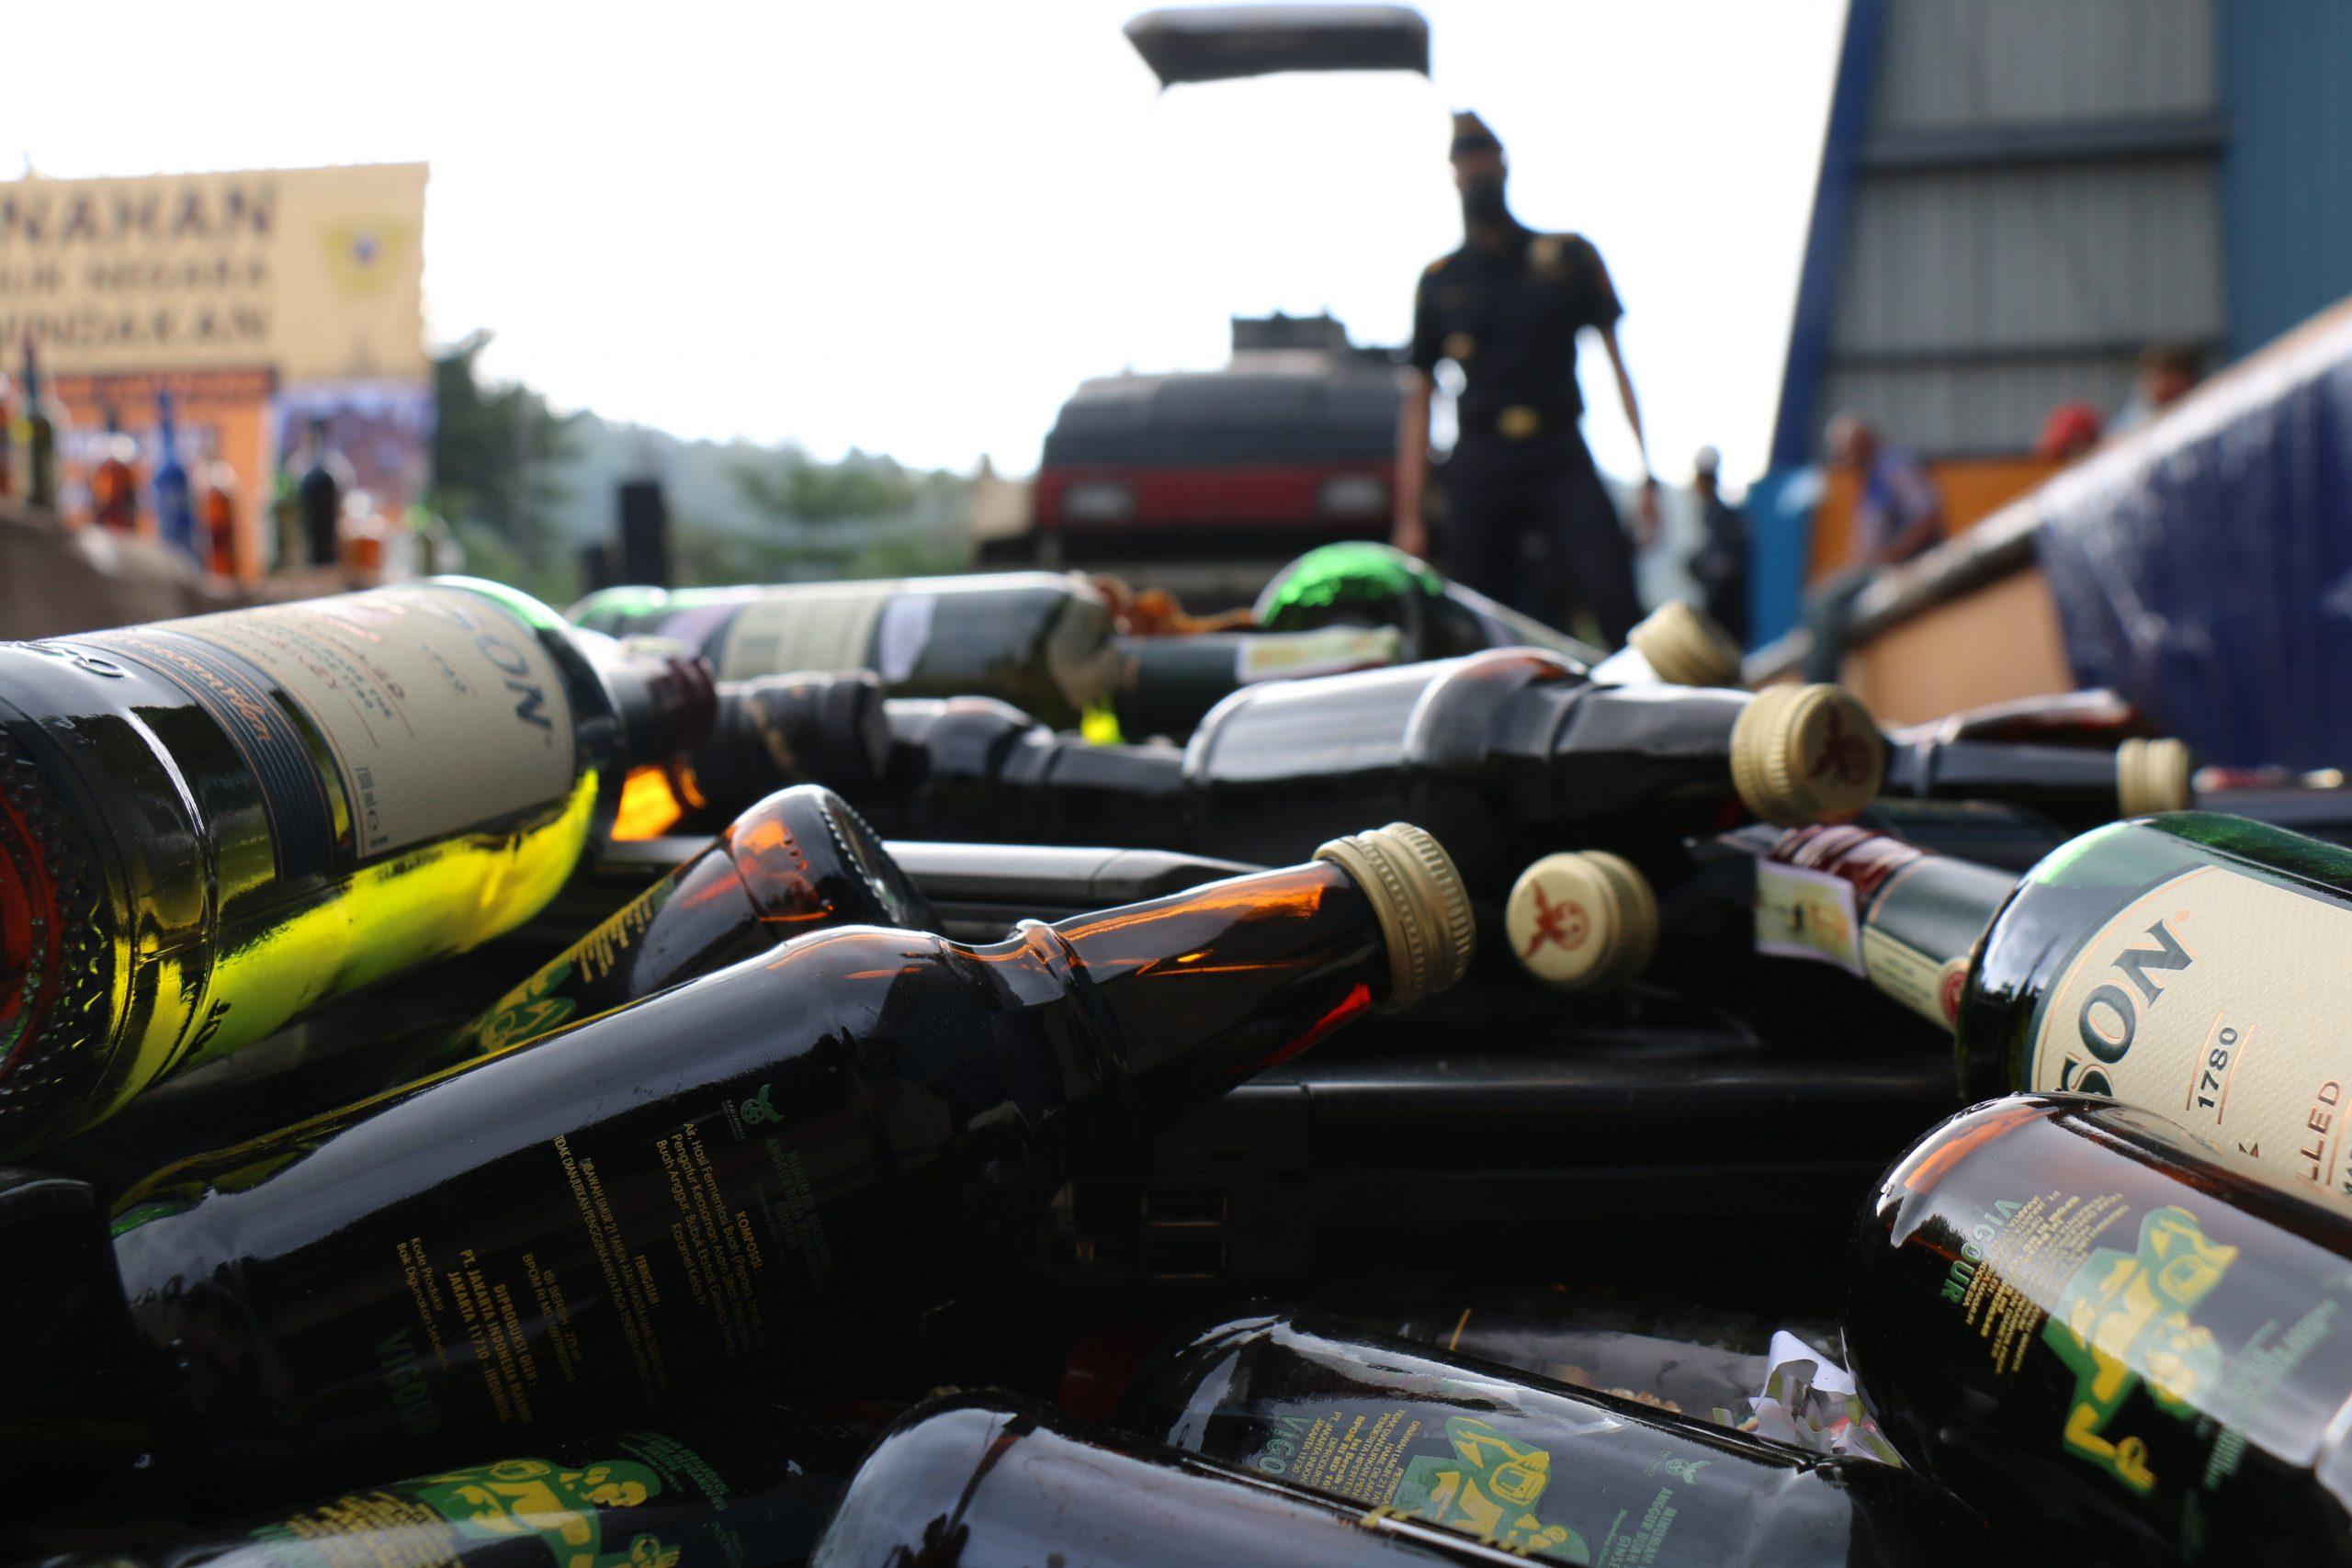 Bea Cukai Lampung Musnahkan 29,6 Juta Batang Rokok Ilegal, Miras dan Barang Hasil Penindakan Lainnya